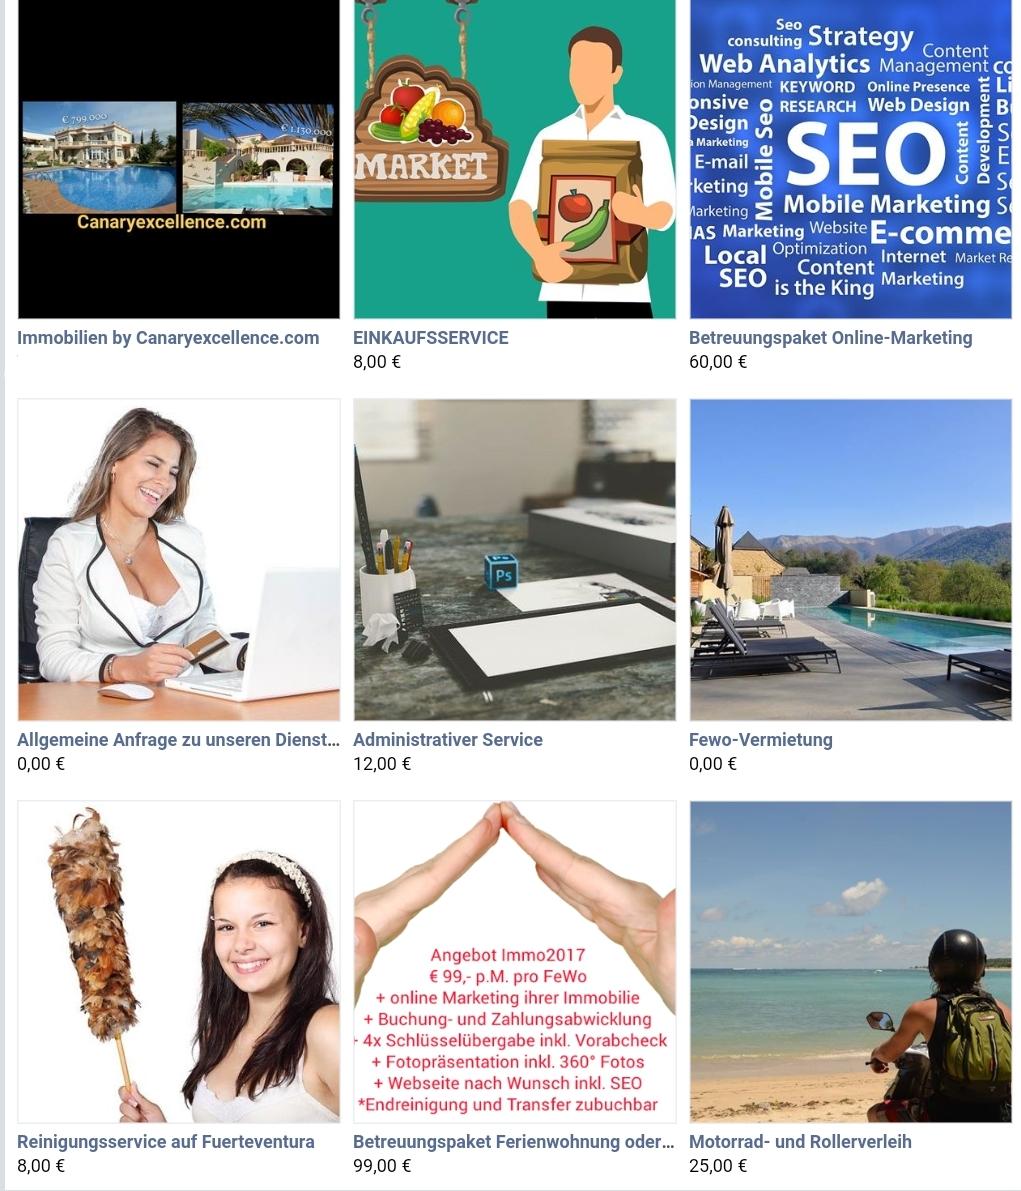 Dienstleistungen Marketing, Fuerteventura und Einkaufen